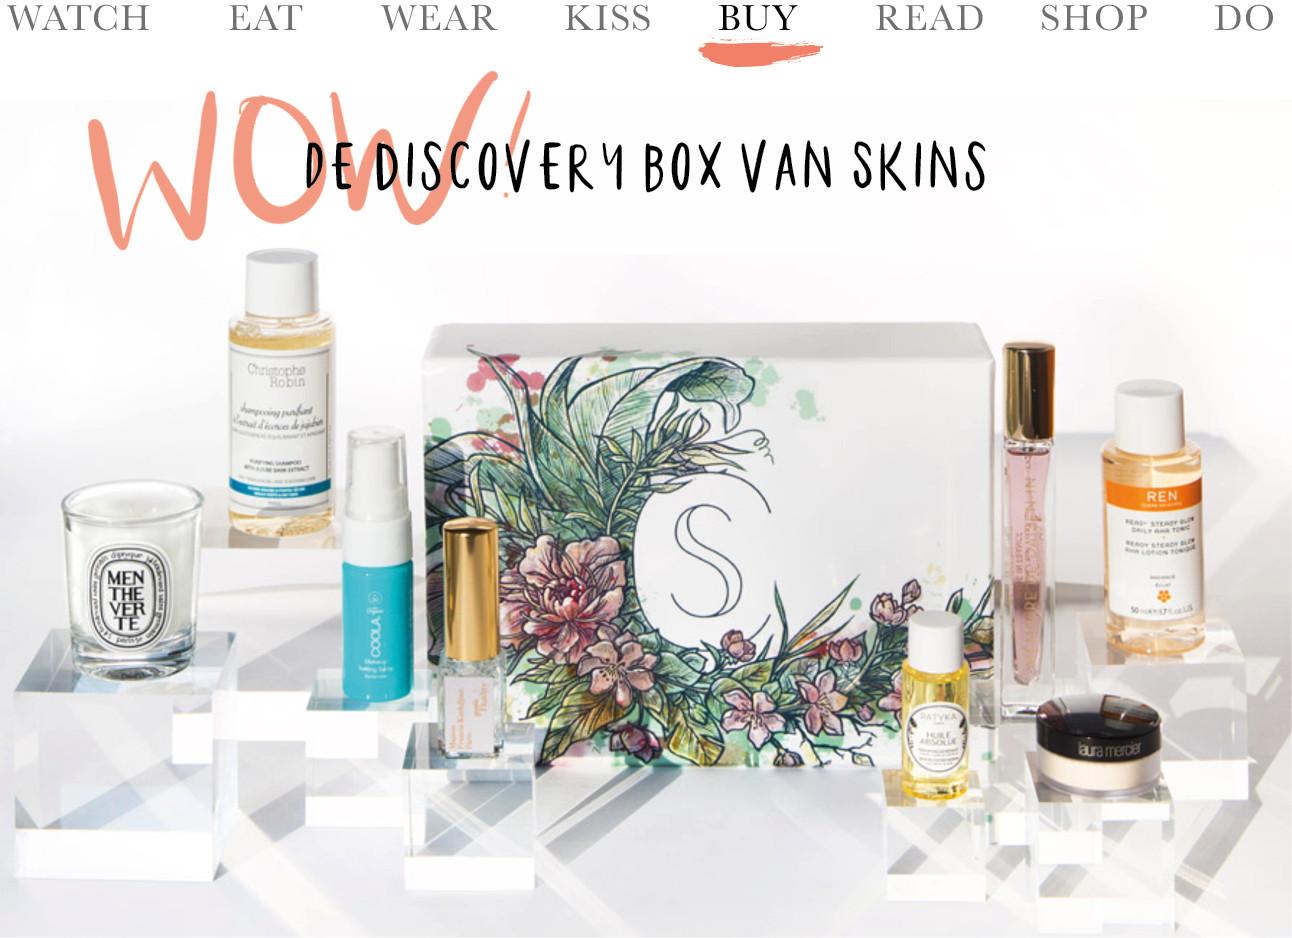 de discovery box van skins met allerlei beauty en verzorgingsproducten